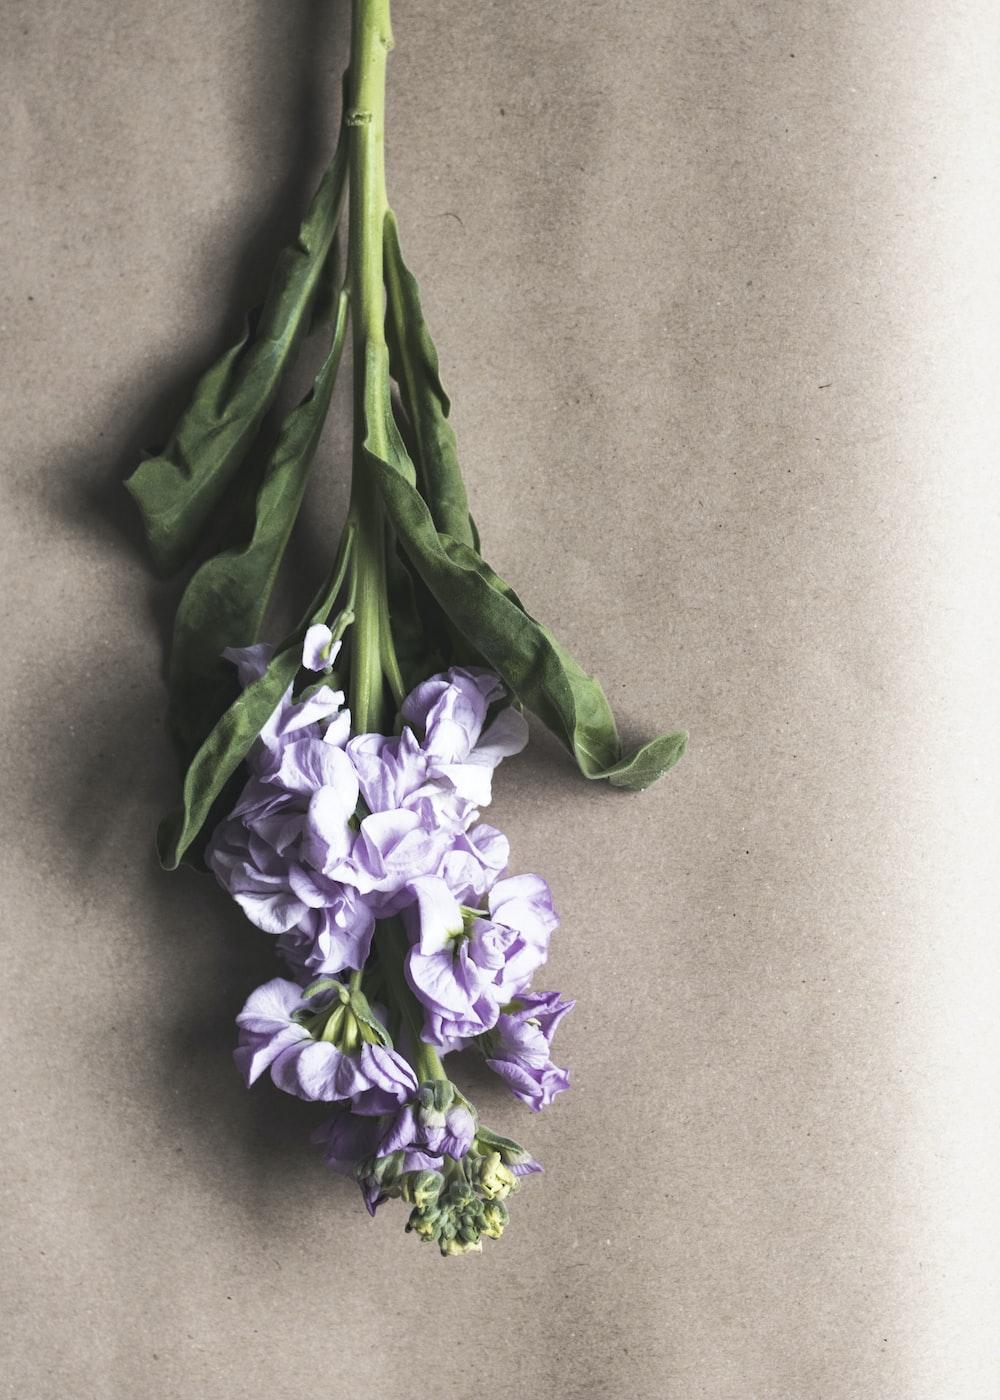 Iris flower on floor